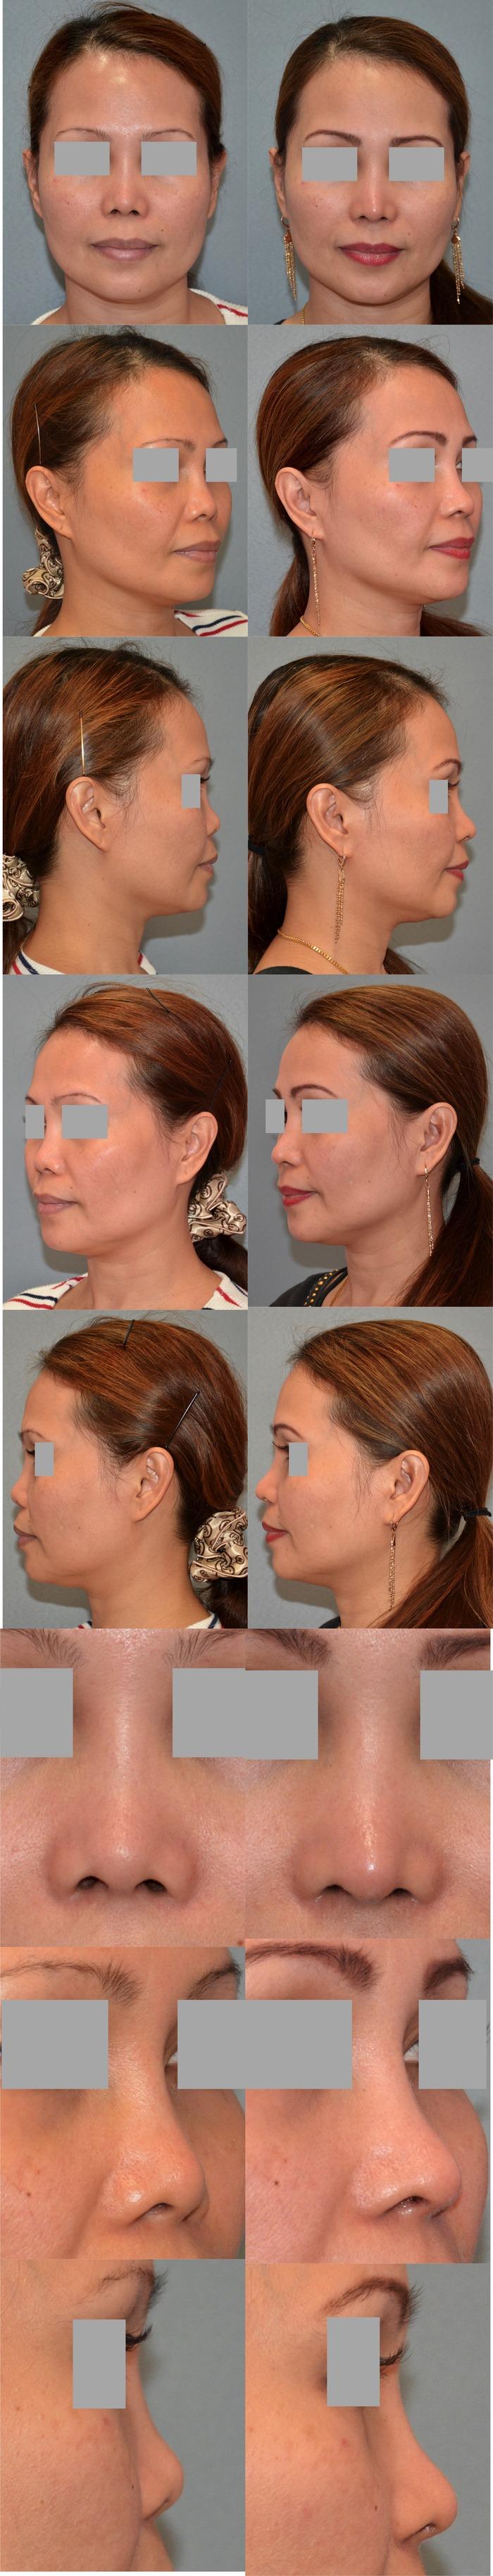 鼻中隔延長術 隆鼻術